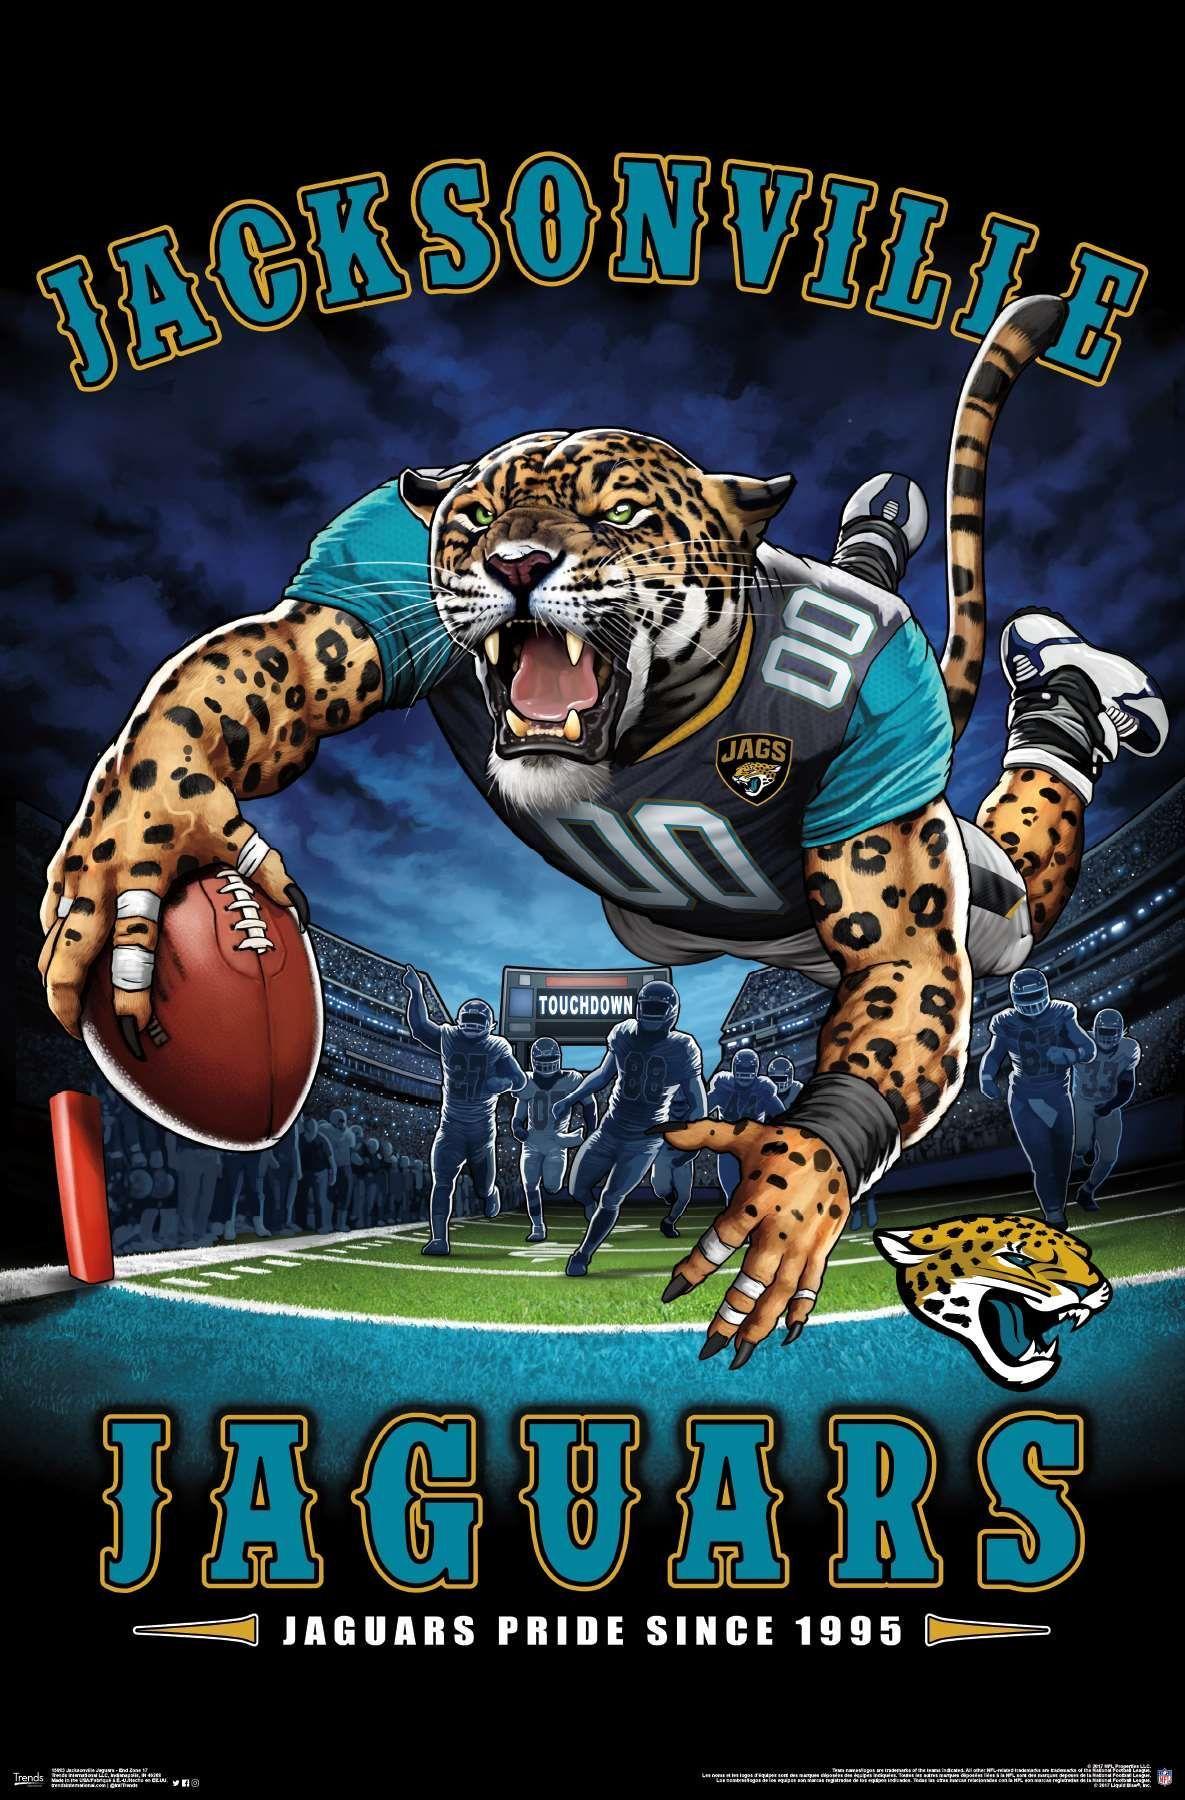 Nfl Jacksonville Jaguars End Zone In 2020 Nfl Football Teams Jaguars Football Jacksonville Jaguars